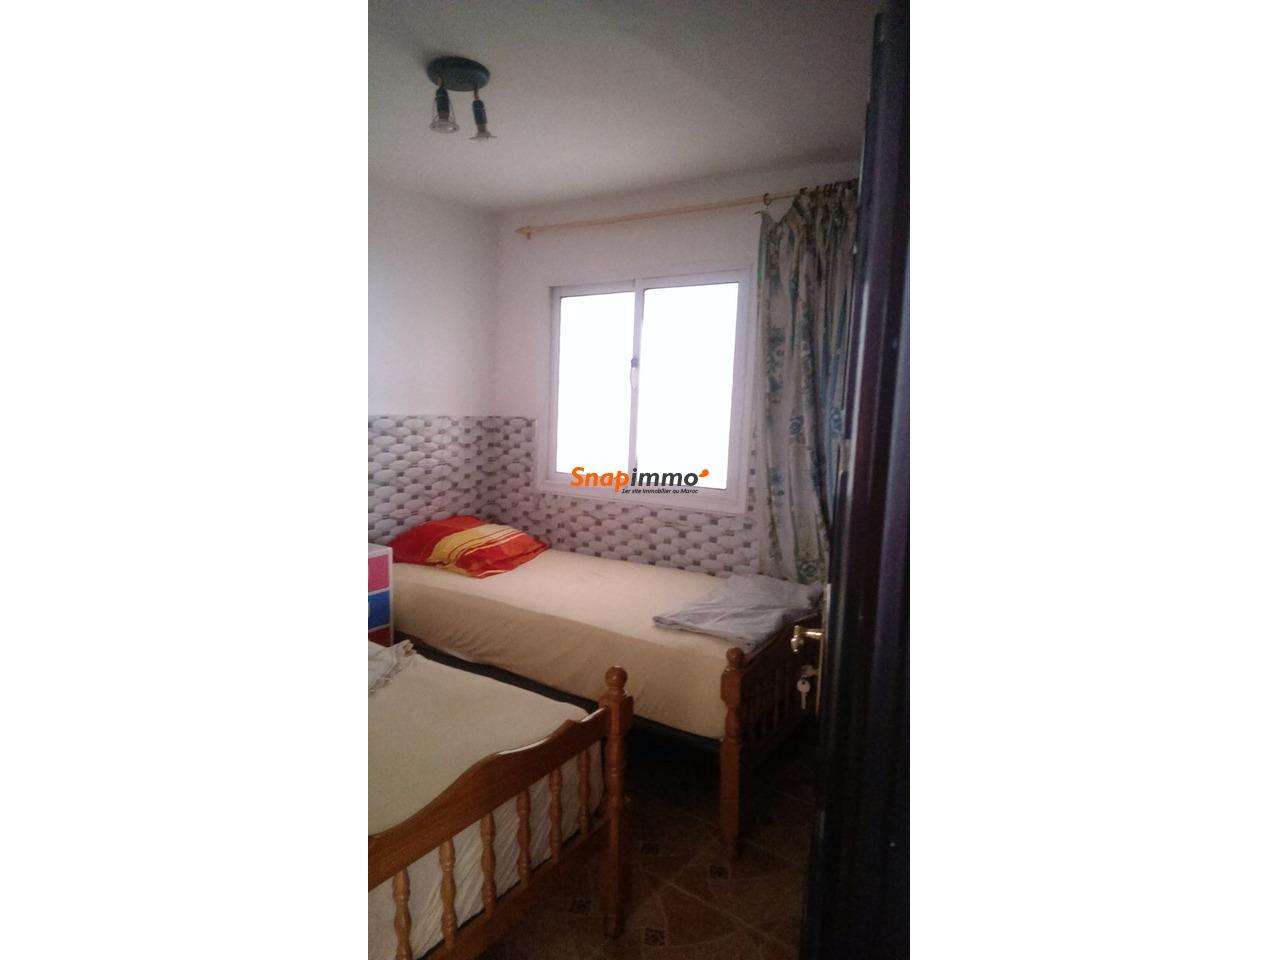 Appartement meublé pour colocation 2 à 4 pers. -secteur Alazhar - 1/3